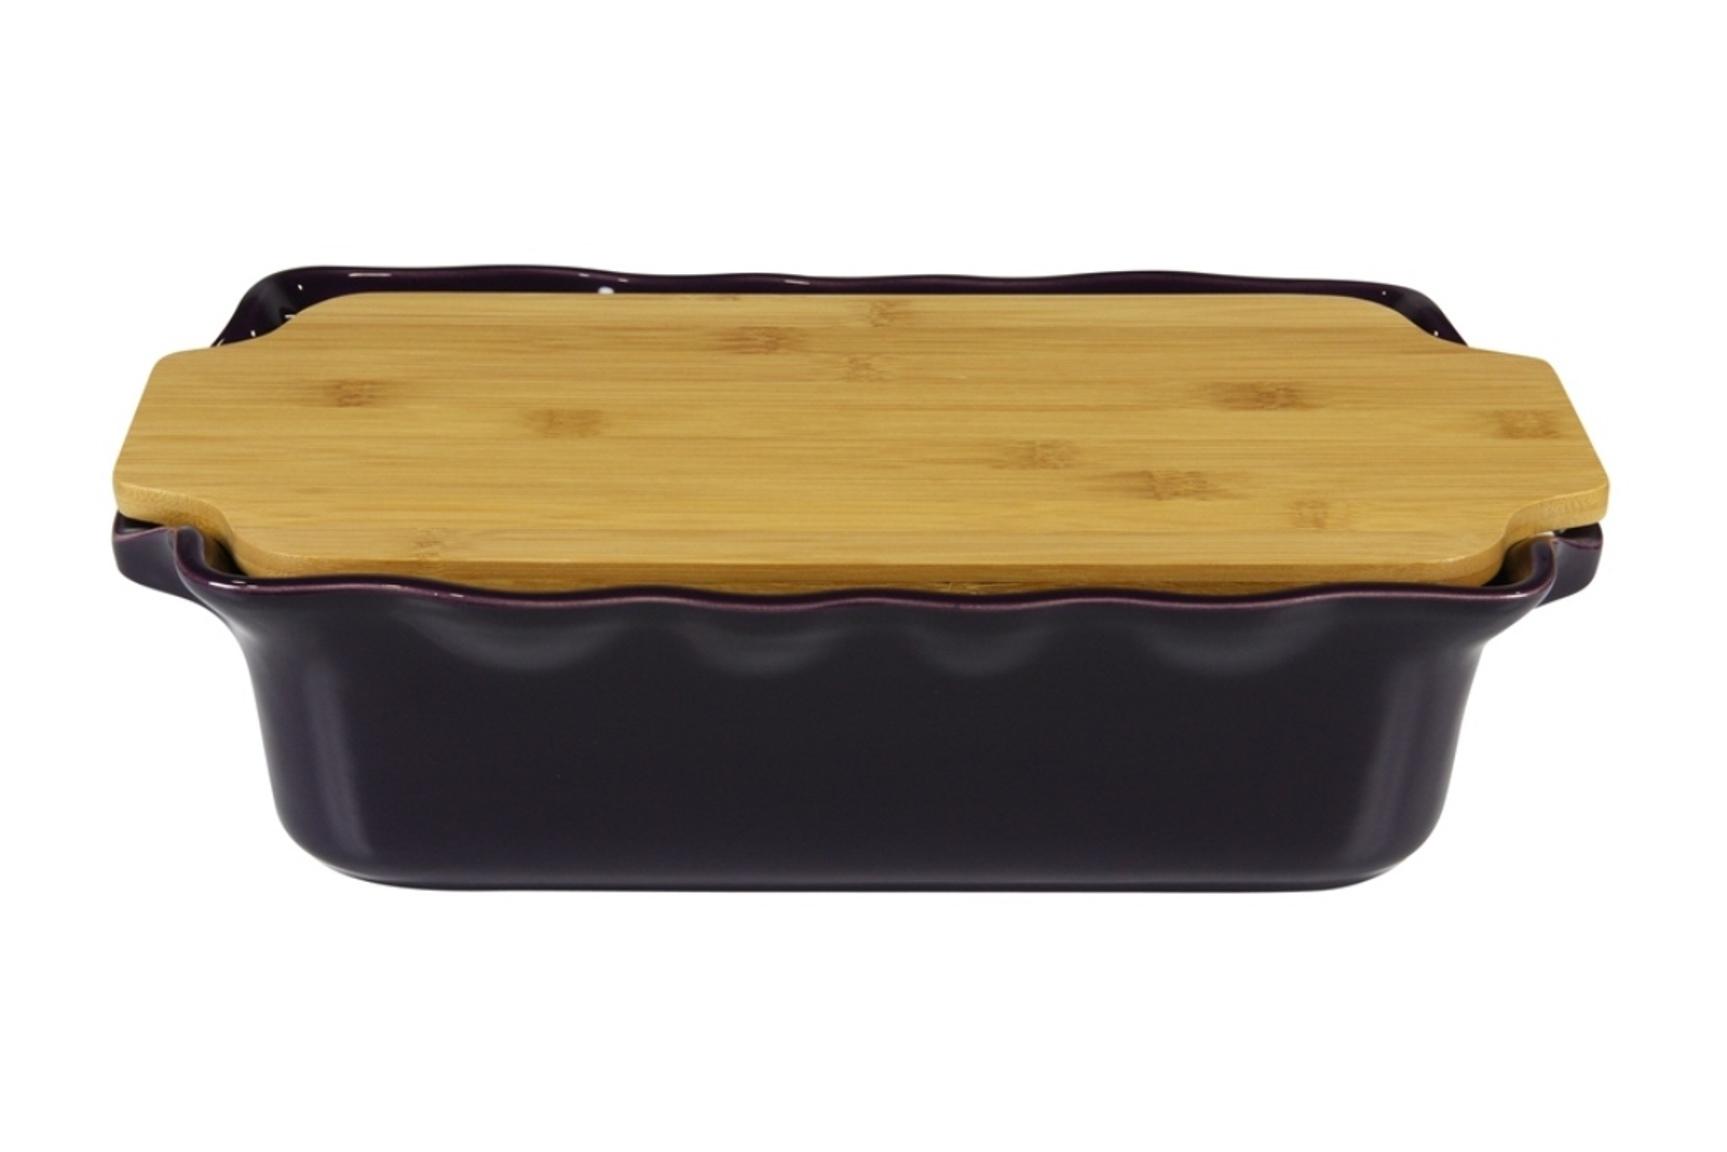 Форма с доcкой прямоугольная 37 см Appolia Cook&amp;Stock EGGPLANT 131037009Формы для запекания (выпечки)<br>Форма с доcкой прямоугольная 37 см Appolia Cook&amp;Stock EGGPLANT 131037009<br><br>В оригинальной коллекции Cook&amp;Stoock присутствуют мягкие цвета трех оттенков. Закругленные углы облегчают чистку. Легко использовать. Компактное хранение. В комплекте натуральные крышки из бамбука, которые можно использовать в качестве подставки, крышки и разделочной доски. Прочная жароустойчивая керамика экологична и изготавливается из высококачественной глины. Прочная глазурь устойчива к растрескиванию и сколам, не содержит свинца и кадмия. Глина обеспечивает медленный и равномерный нагрев, деликатное приготовление с сохранением всех питательных веществ и витаминов, а та же долго сохраняет тепло, что удобно при сервировке горячих блюд.<br>